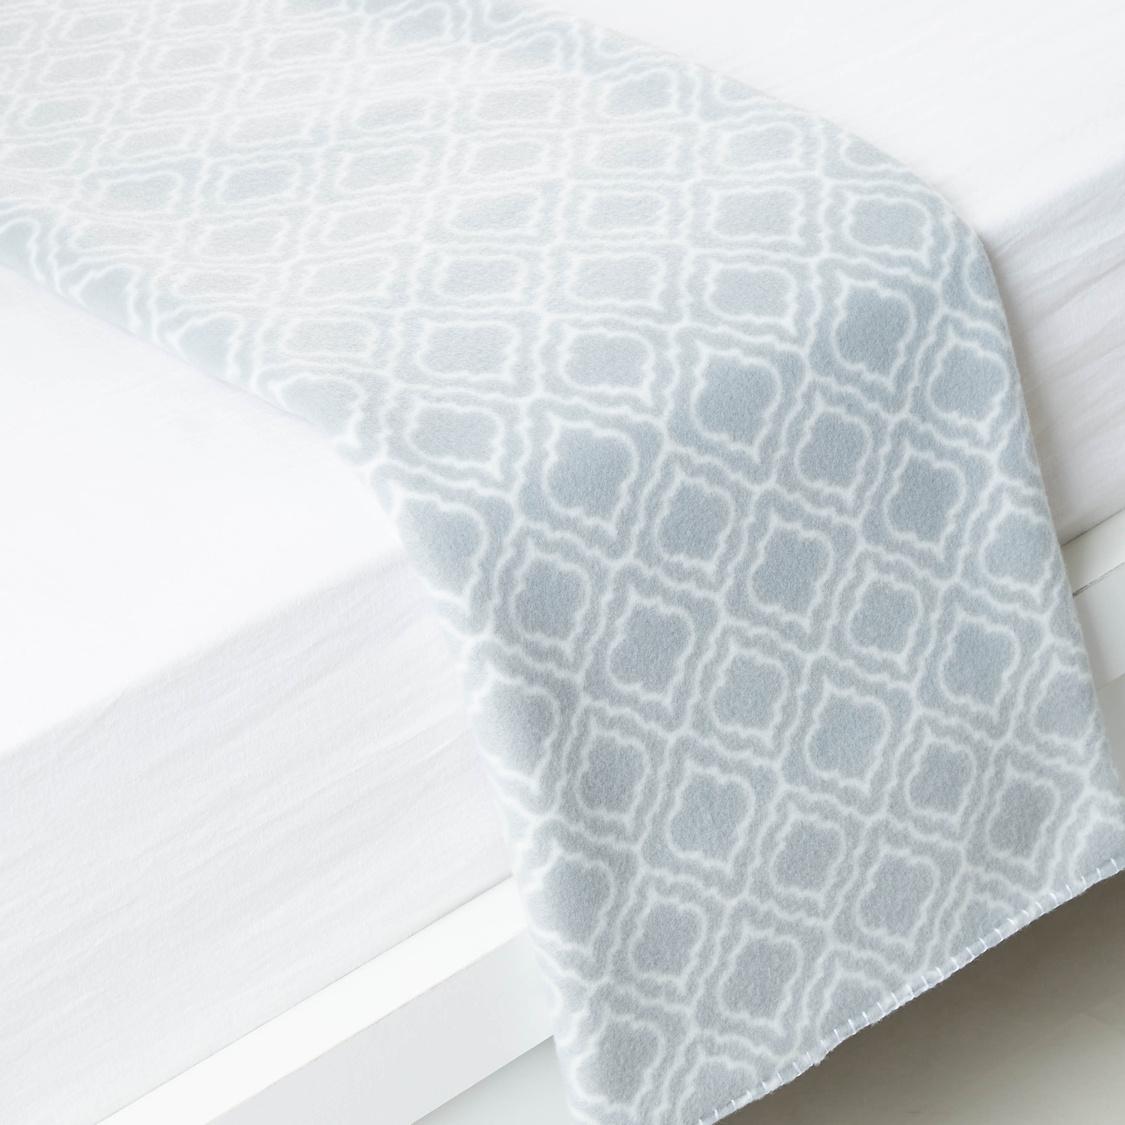 بطانية صوف بطبعات تريليس - 200×135 سم